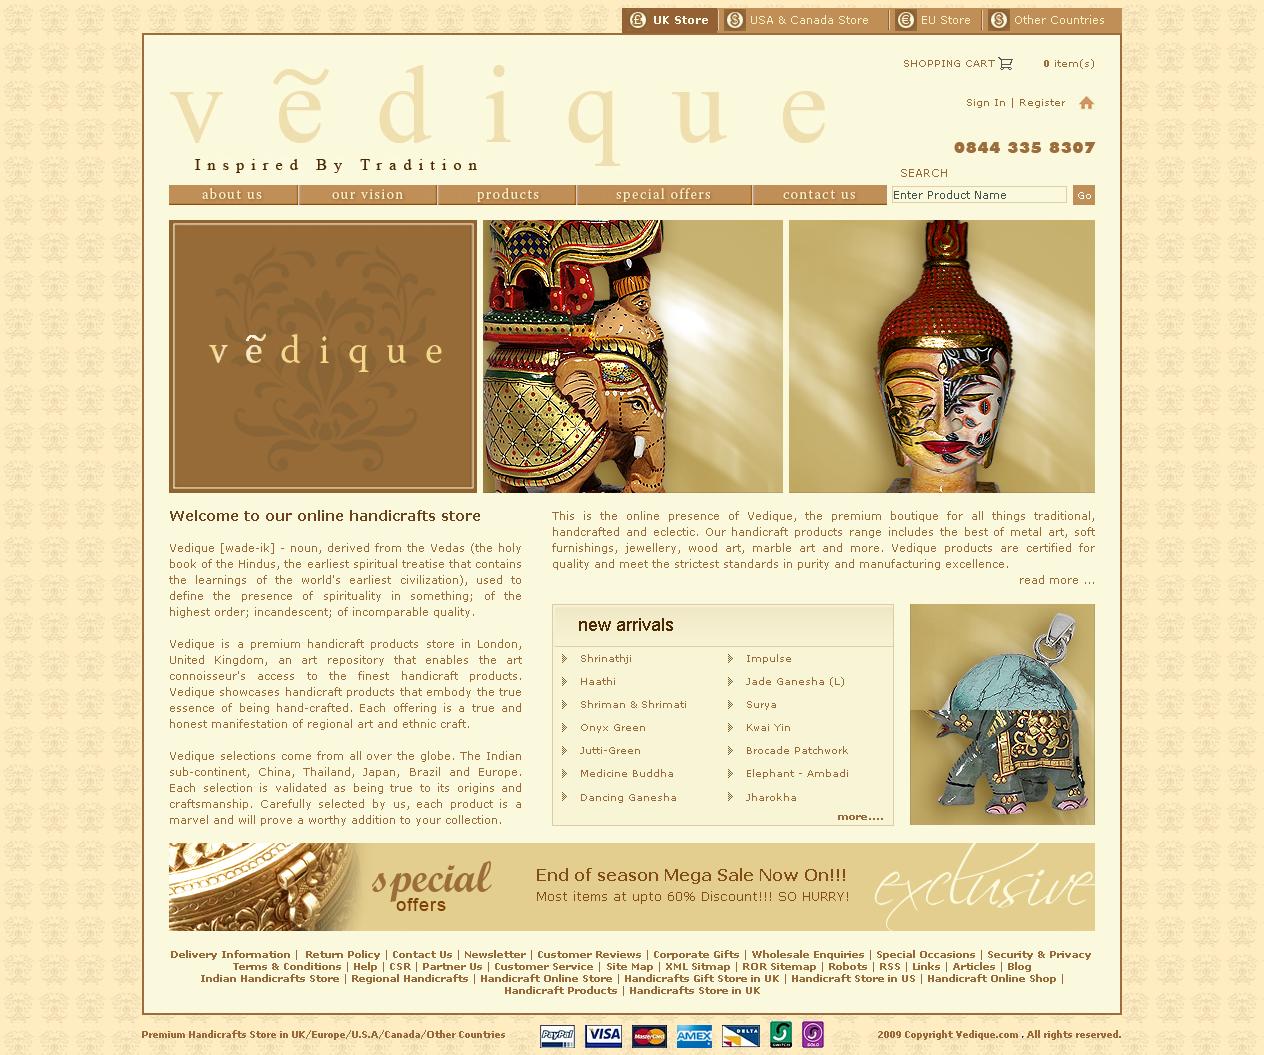 Vedique - 1to1accountants com